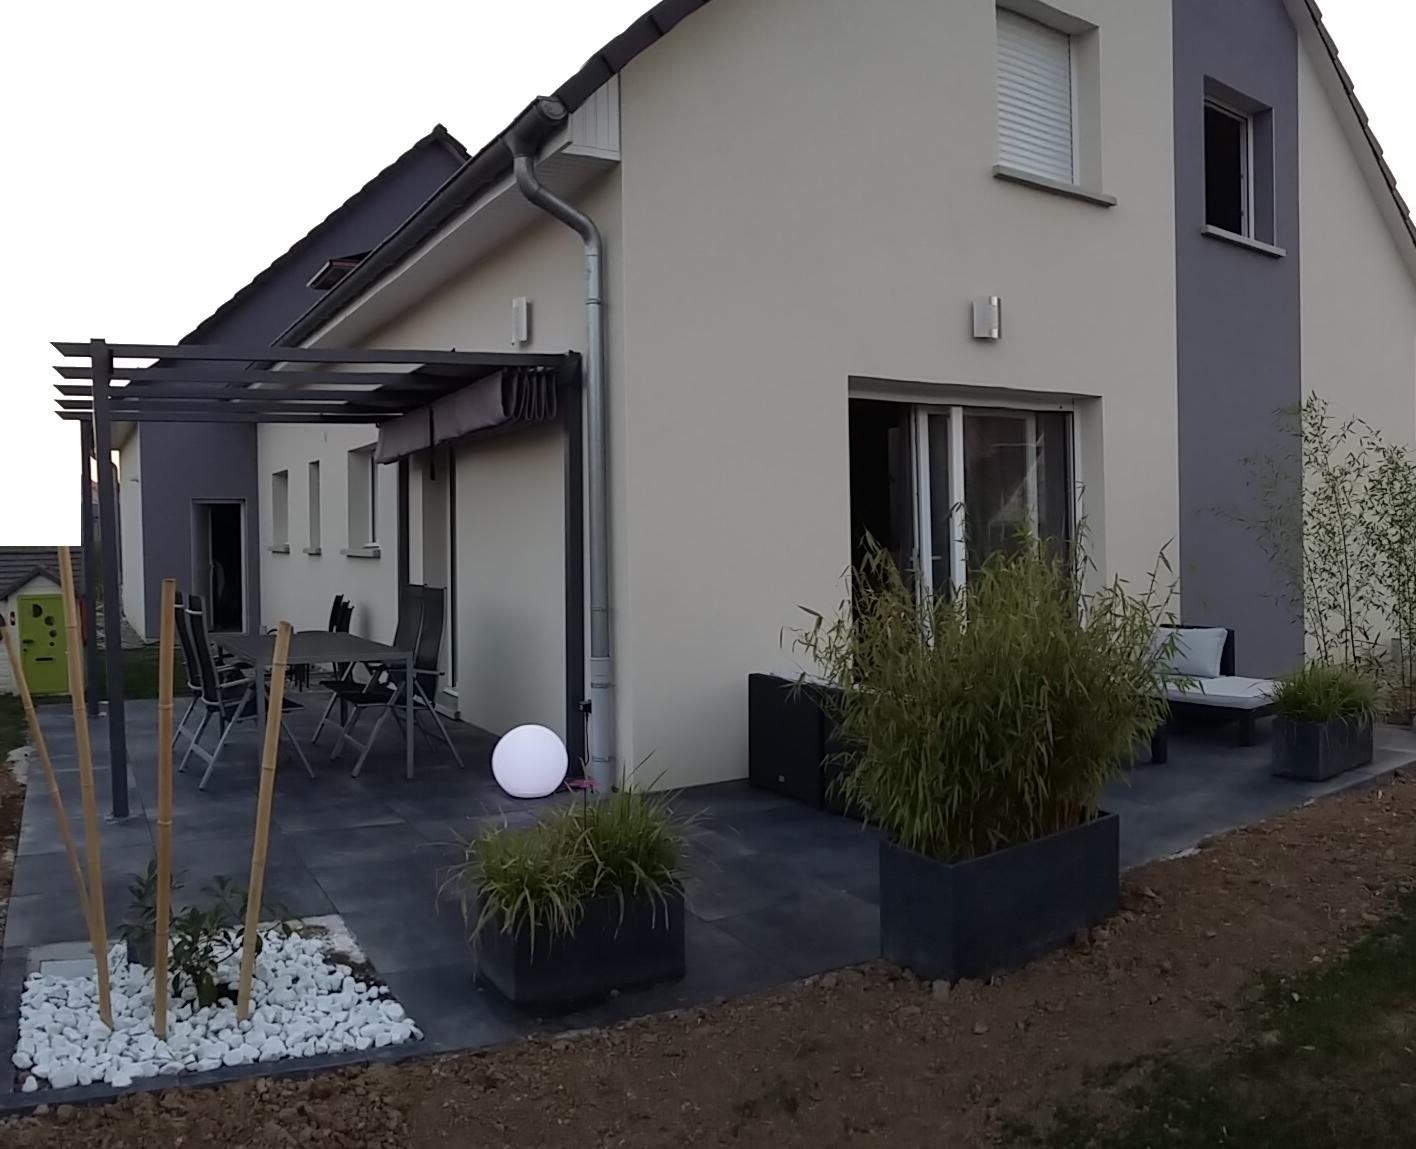 Bricolage de l 39 id e la r alisation terrasse design for Carrelage terrasse exterieur moderne